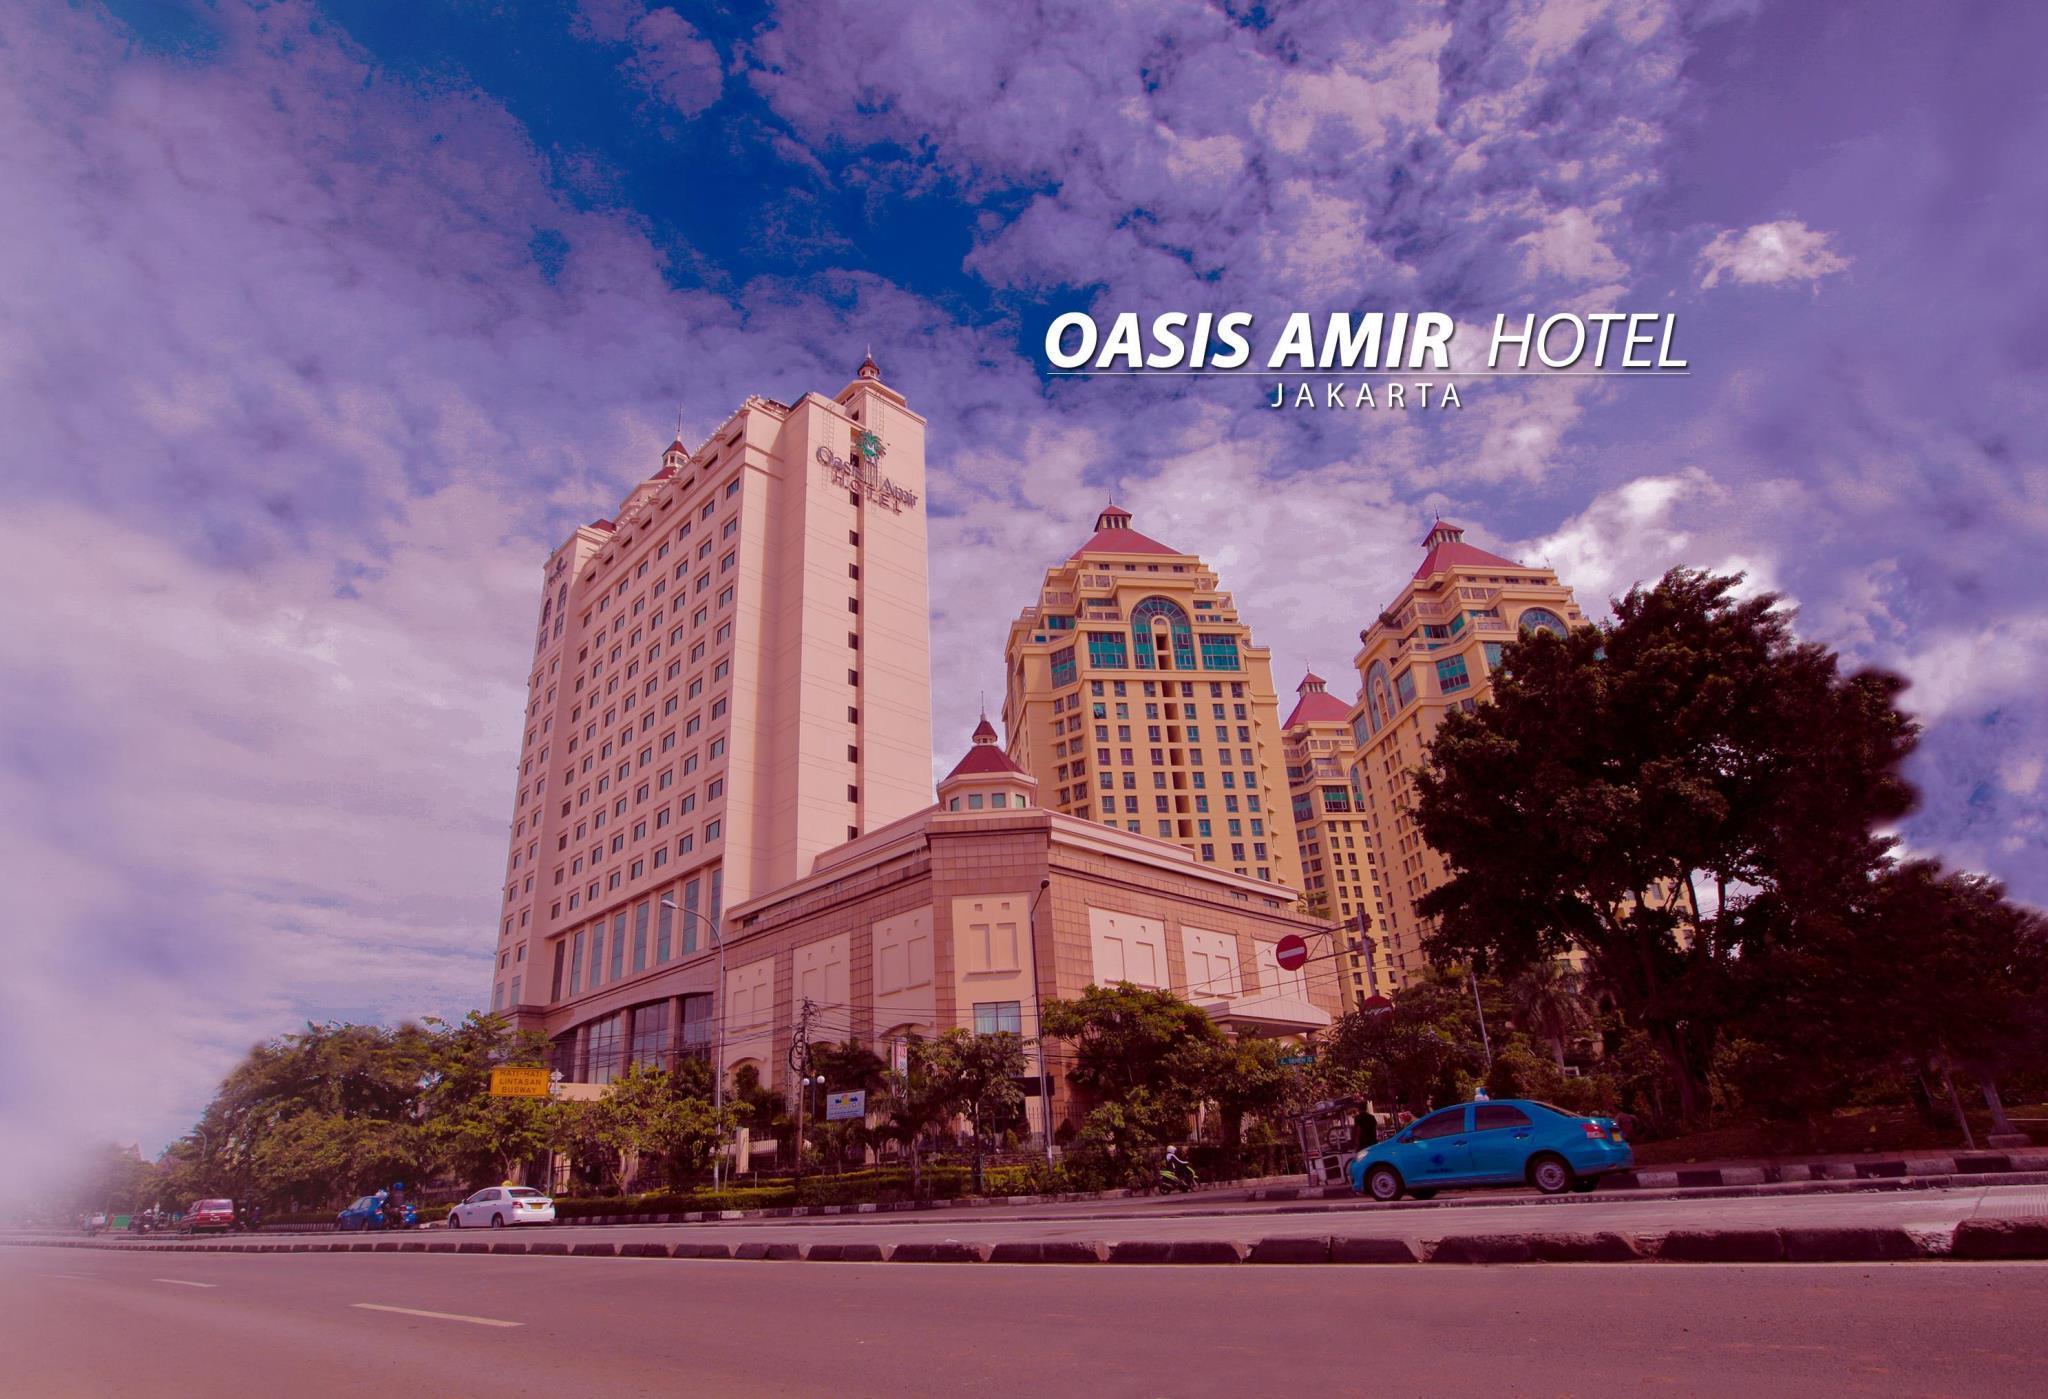 Oasis Amir